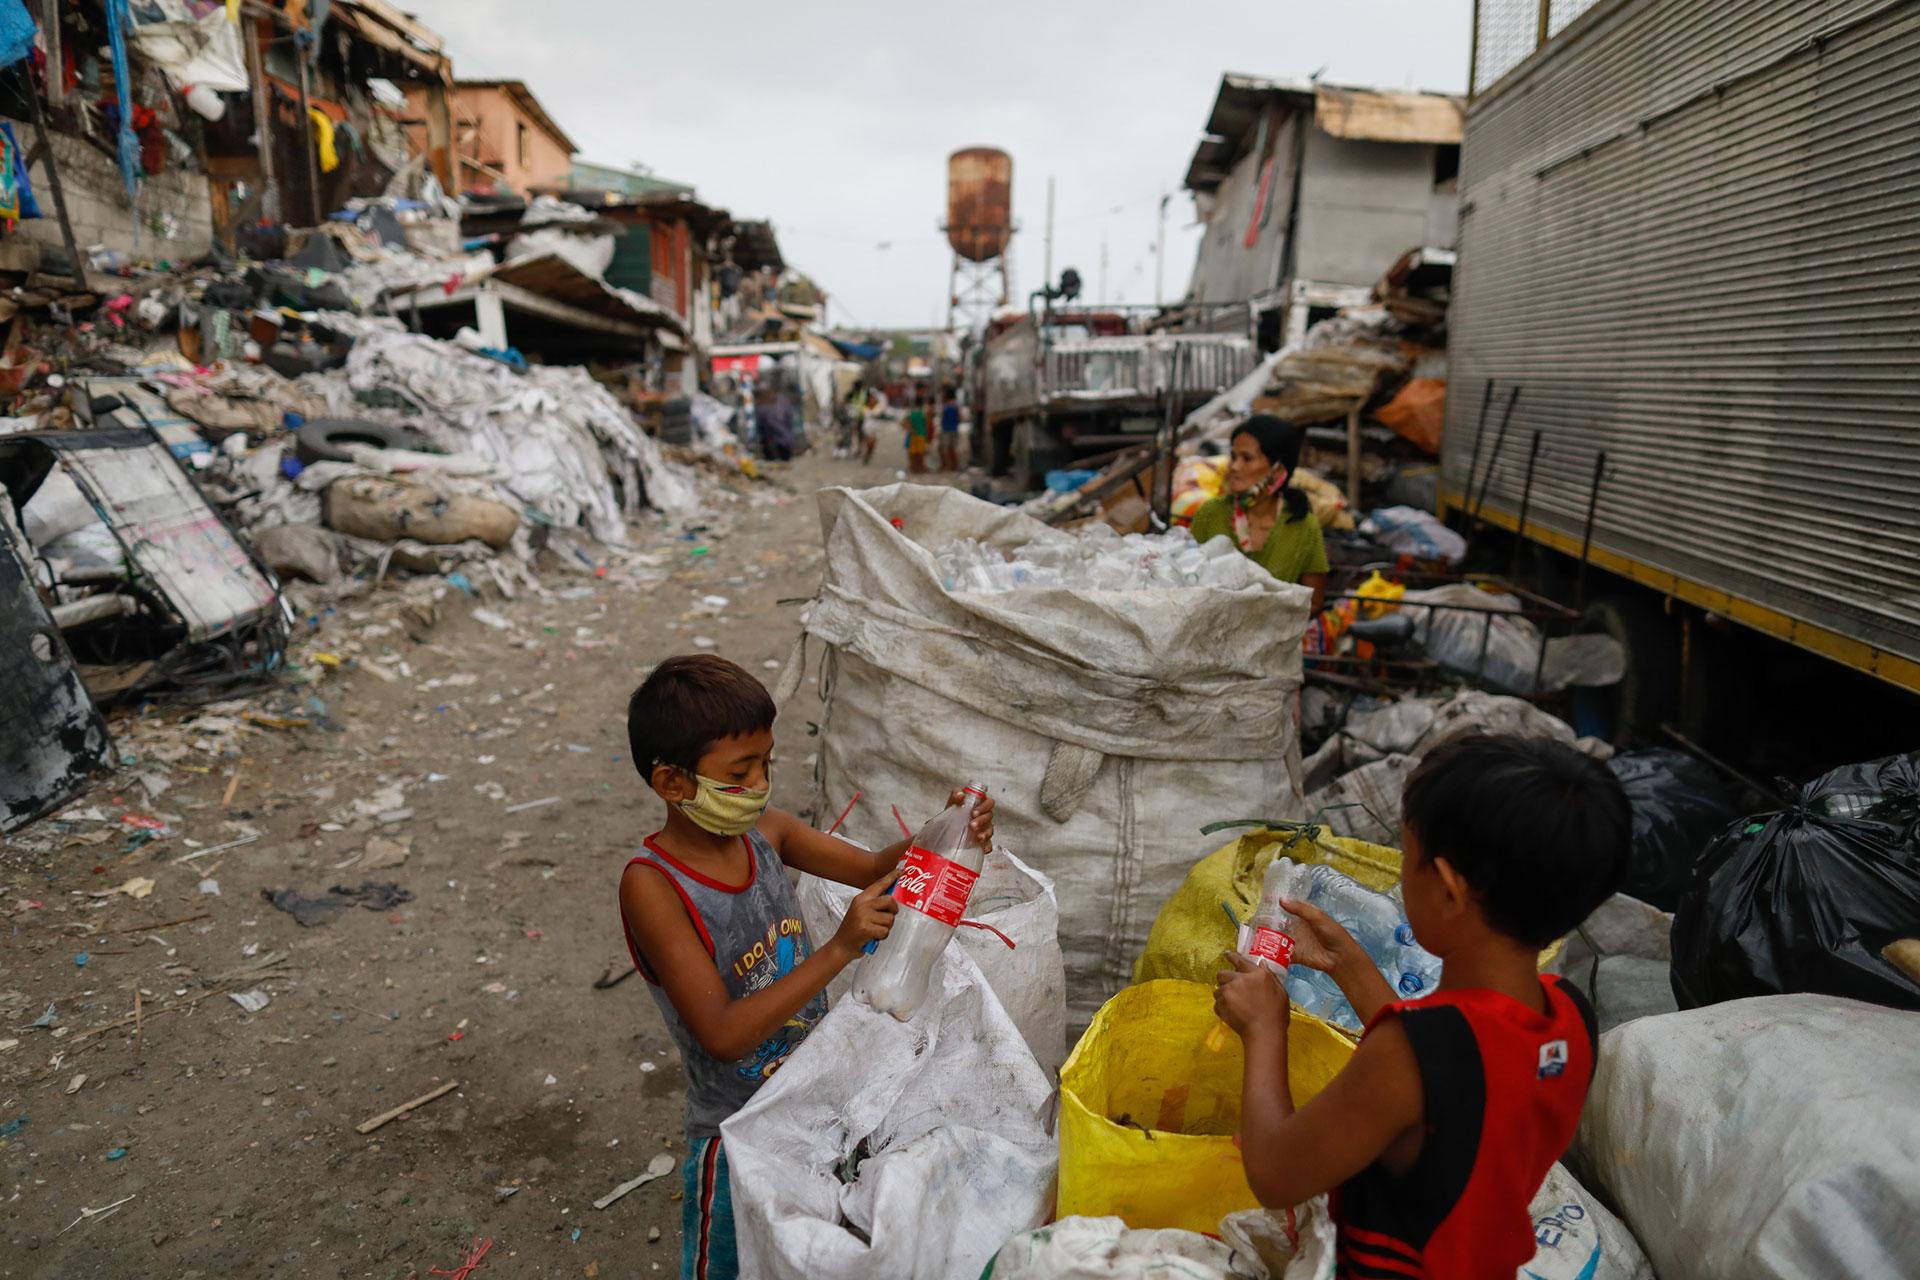 Contaminación plástica afecta a las zonas más vulnerables - Foto por Eloisa Lopez/Reuters